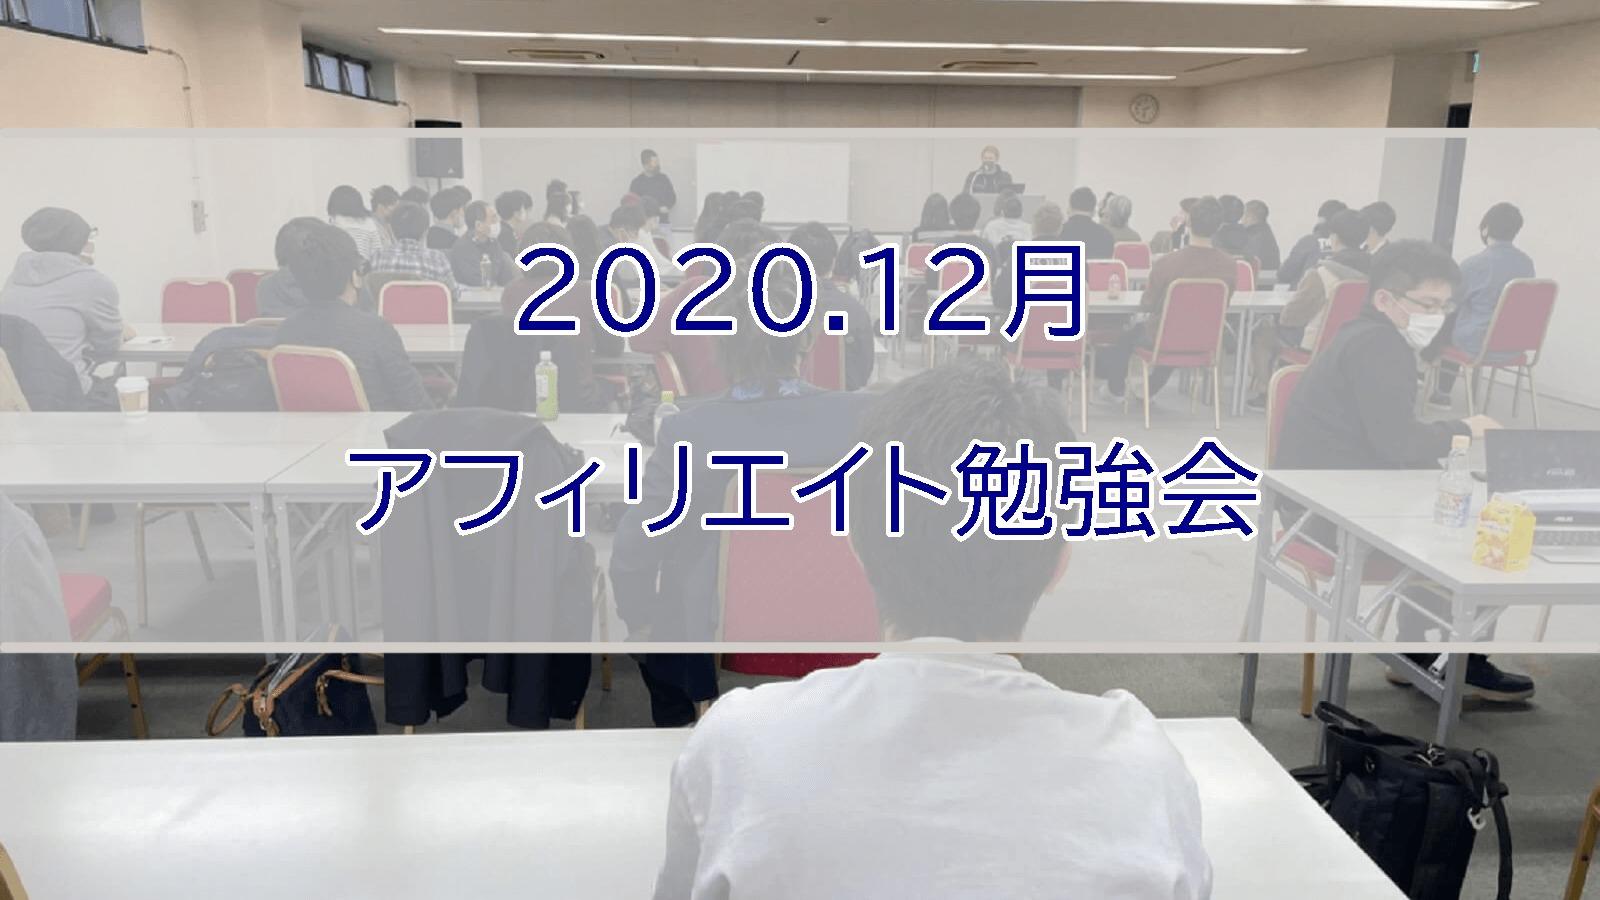 【2020年12月】アフィリエイト勉強会&忘年会